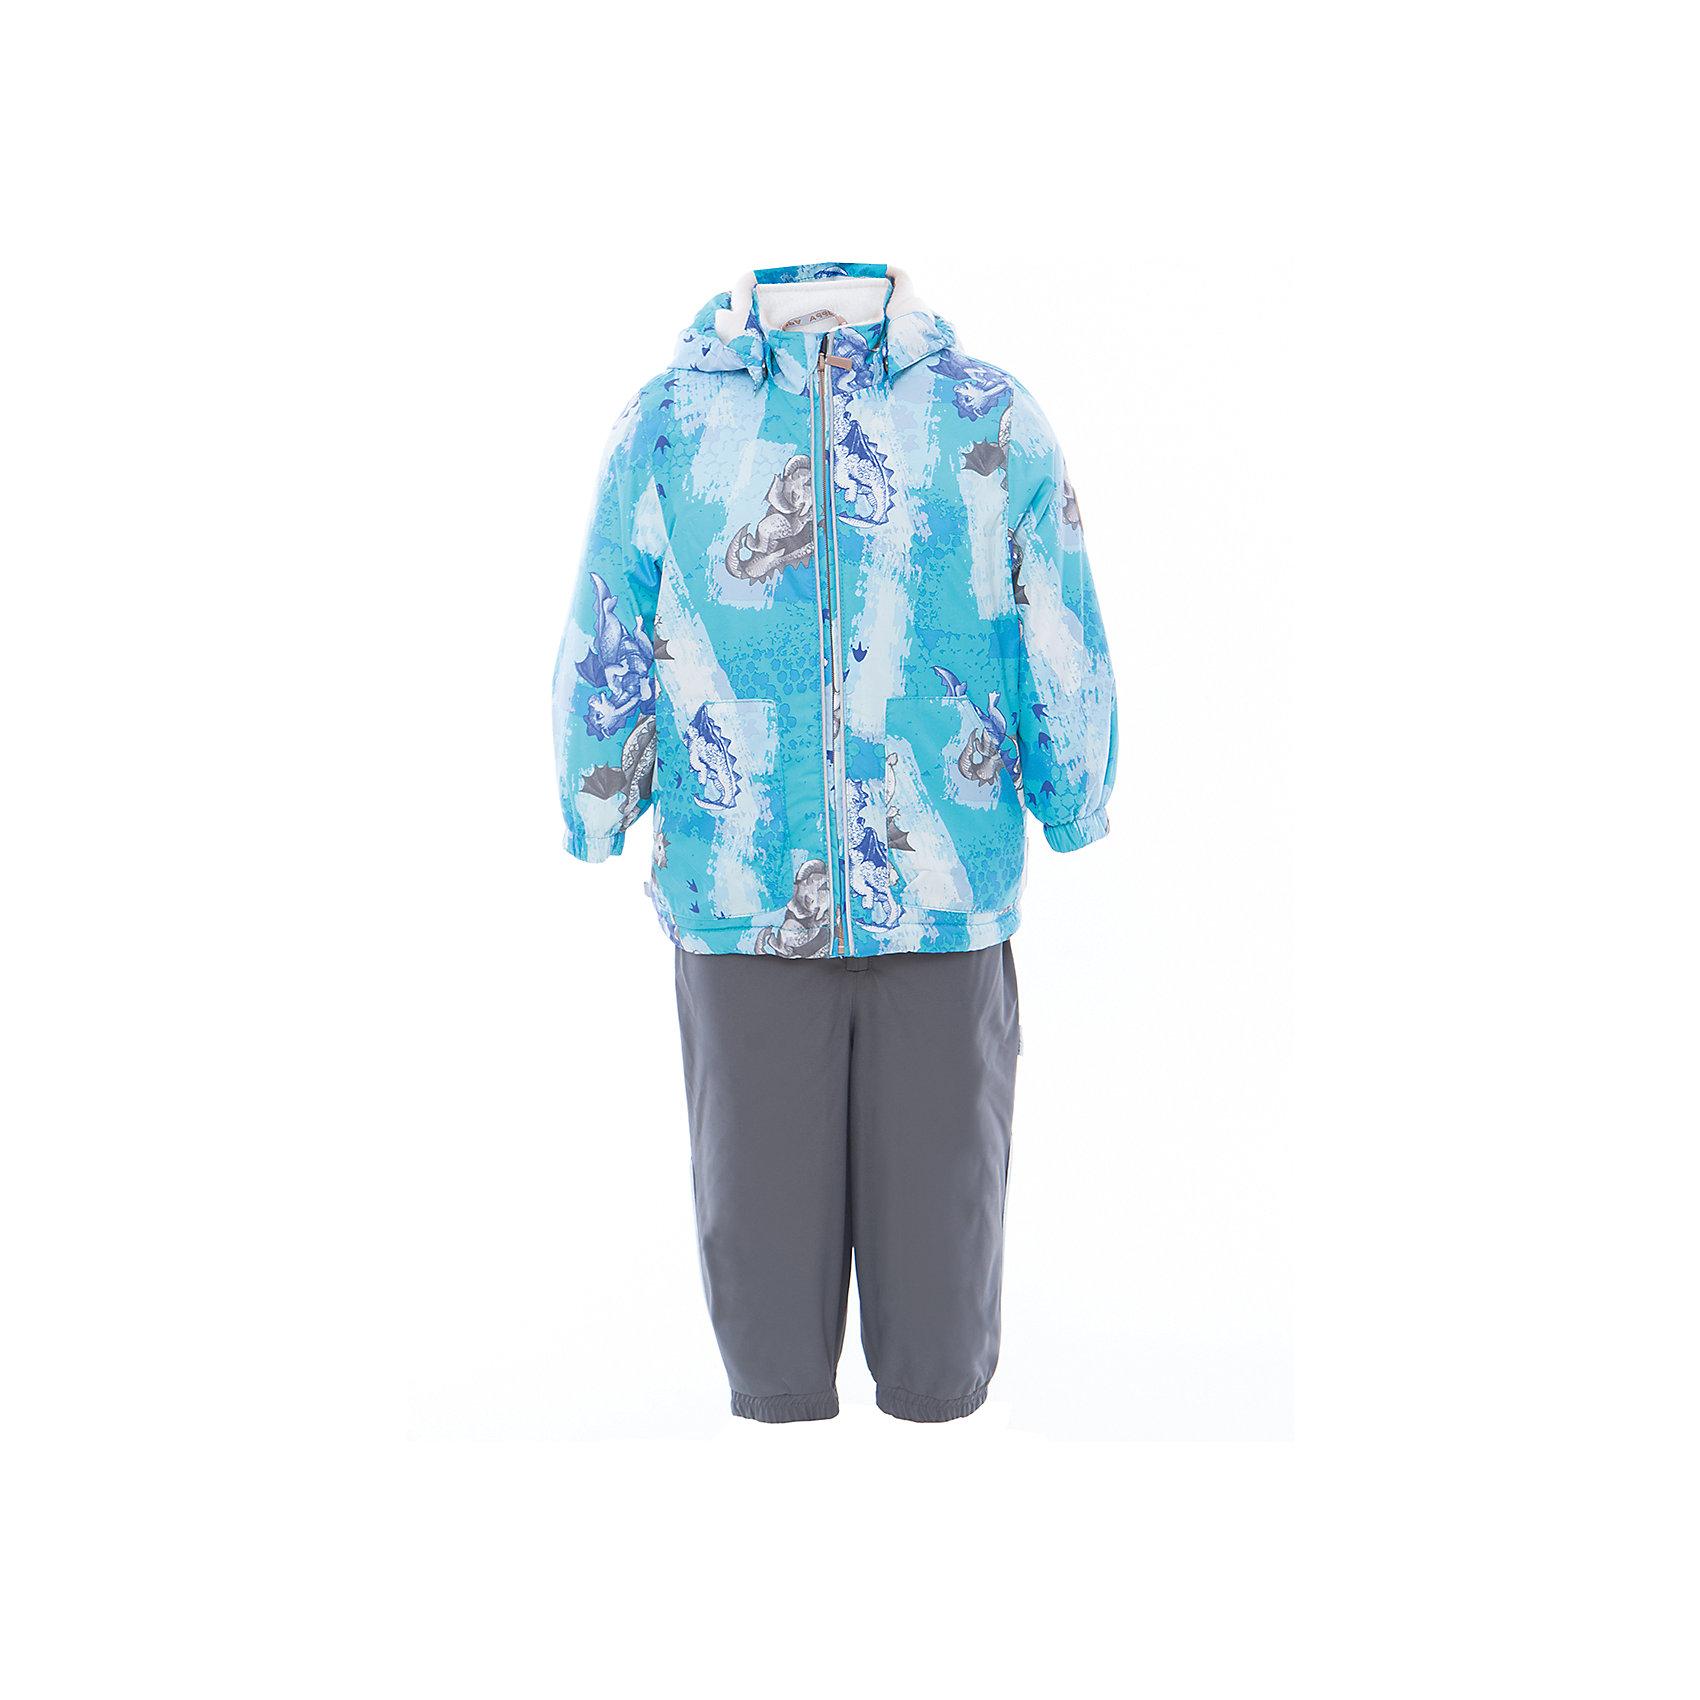 Комплект: куртка и полукомбинезон для мальчика CARLO HuppaХарактеристики товара:<br><br>• цвет: светло-голубой принт/серый<br>• комплектация: куртка и полукомбинезон <br>• ткань: 100% полиэстер<br>• подкладка: тафта - 100% полиэстер<br>• утеплитель: 100% полиэстер; куртка 100 г, полукомбинезон 40 г<br>• температурный режим: от -5°С до +10°С<br>• водонепроницаемость: верх - 5000 мм, низ - 10000 мм<br>• воздухопроницаемость: верх - 5000 мм, низ - 10000 мм<br>• светоотражающие детали<br>• шов сидения проклеен<br>• съёмный капюшон с резинкой<br>• эластичные манжеты на рукавах<br>• манжеты брюк с резинкой<br>• съёмные эластичные штрипки<br>• без внутренних швов<br>• резиновые подтяжки<br>• коллекция: весна-лето 2017<br>• страна бренда: Эстония<br><br>Такой модный демисезонный комплект  обеспечит детям тепло и комфорт. Он сделан из материала, отталкивающего воду, и дополнен подкладкой с утеплителем, поэтому изделие идеально подходит для межсезонья. Материал изделий - с мембранной технологией: защищая от влаги и ветра, он легко выводит лишнюю влагу наружу. Комплект очень симпатично смотрится. <br><br>Одежда и обувь от популярного эстонского бренда Huppa - отличный вариант одеть ребенка можно и комфортно. Вещи, выпускаемые компанией, качественные, продуманные и очень удобные. Для производства изделий используются только безопасные для детей материалы. Продукция от Huppa порадует и детей, и их родителей!<br><br>Комплект: куртка и полукомбинезон для мальчика CARLO от бренда Huppa (Хуппа) можно купить в нашем интернет-магазине.<br><br>Ширина мм: 356<br>Глубина мм: 10<br>Высота мм: 245<br>Вес г: 519<br>Цвет: синий<br>Возраст от месяцев: 48<br>Возраст до месяцев: 60<br>Пол: Мужской<br>Возраст: Детский<br>Размер: 110,80,86,92,98,104<br>SKU: 5346690